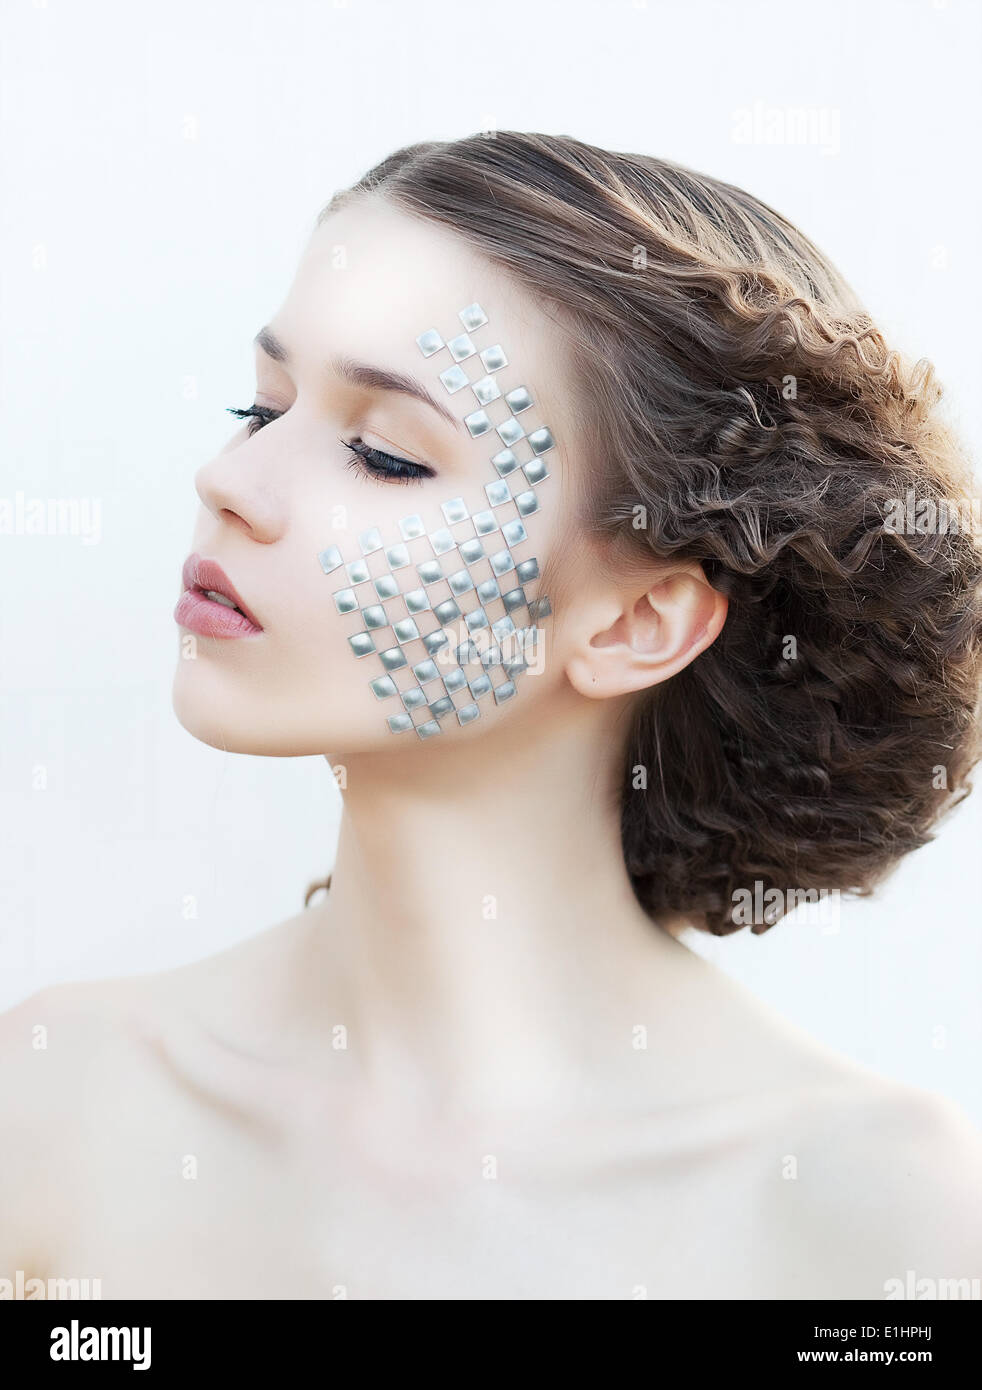 Belle jeune fille visage. Perfect Skin concept. Art make-up. Beauté naturelle Photo Stock